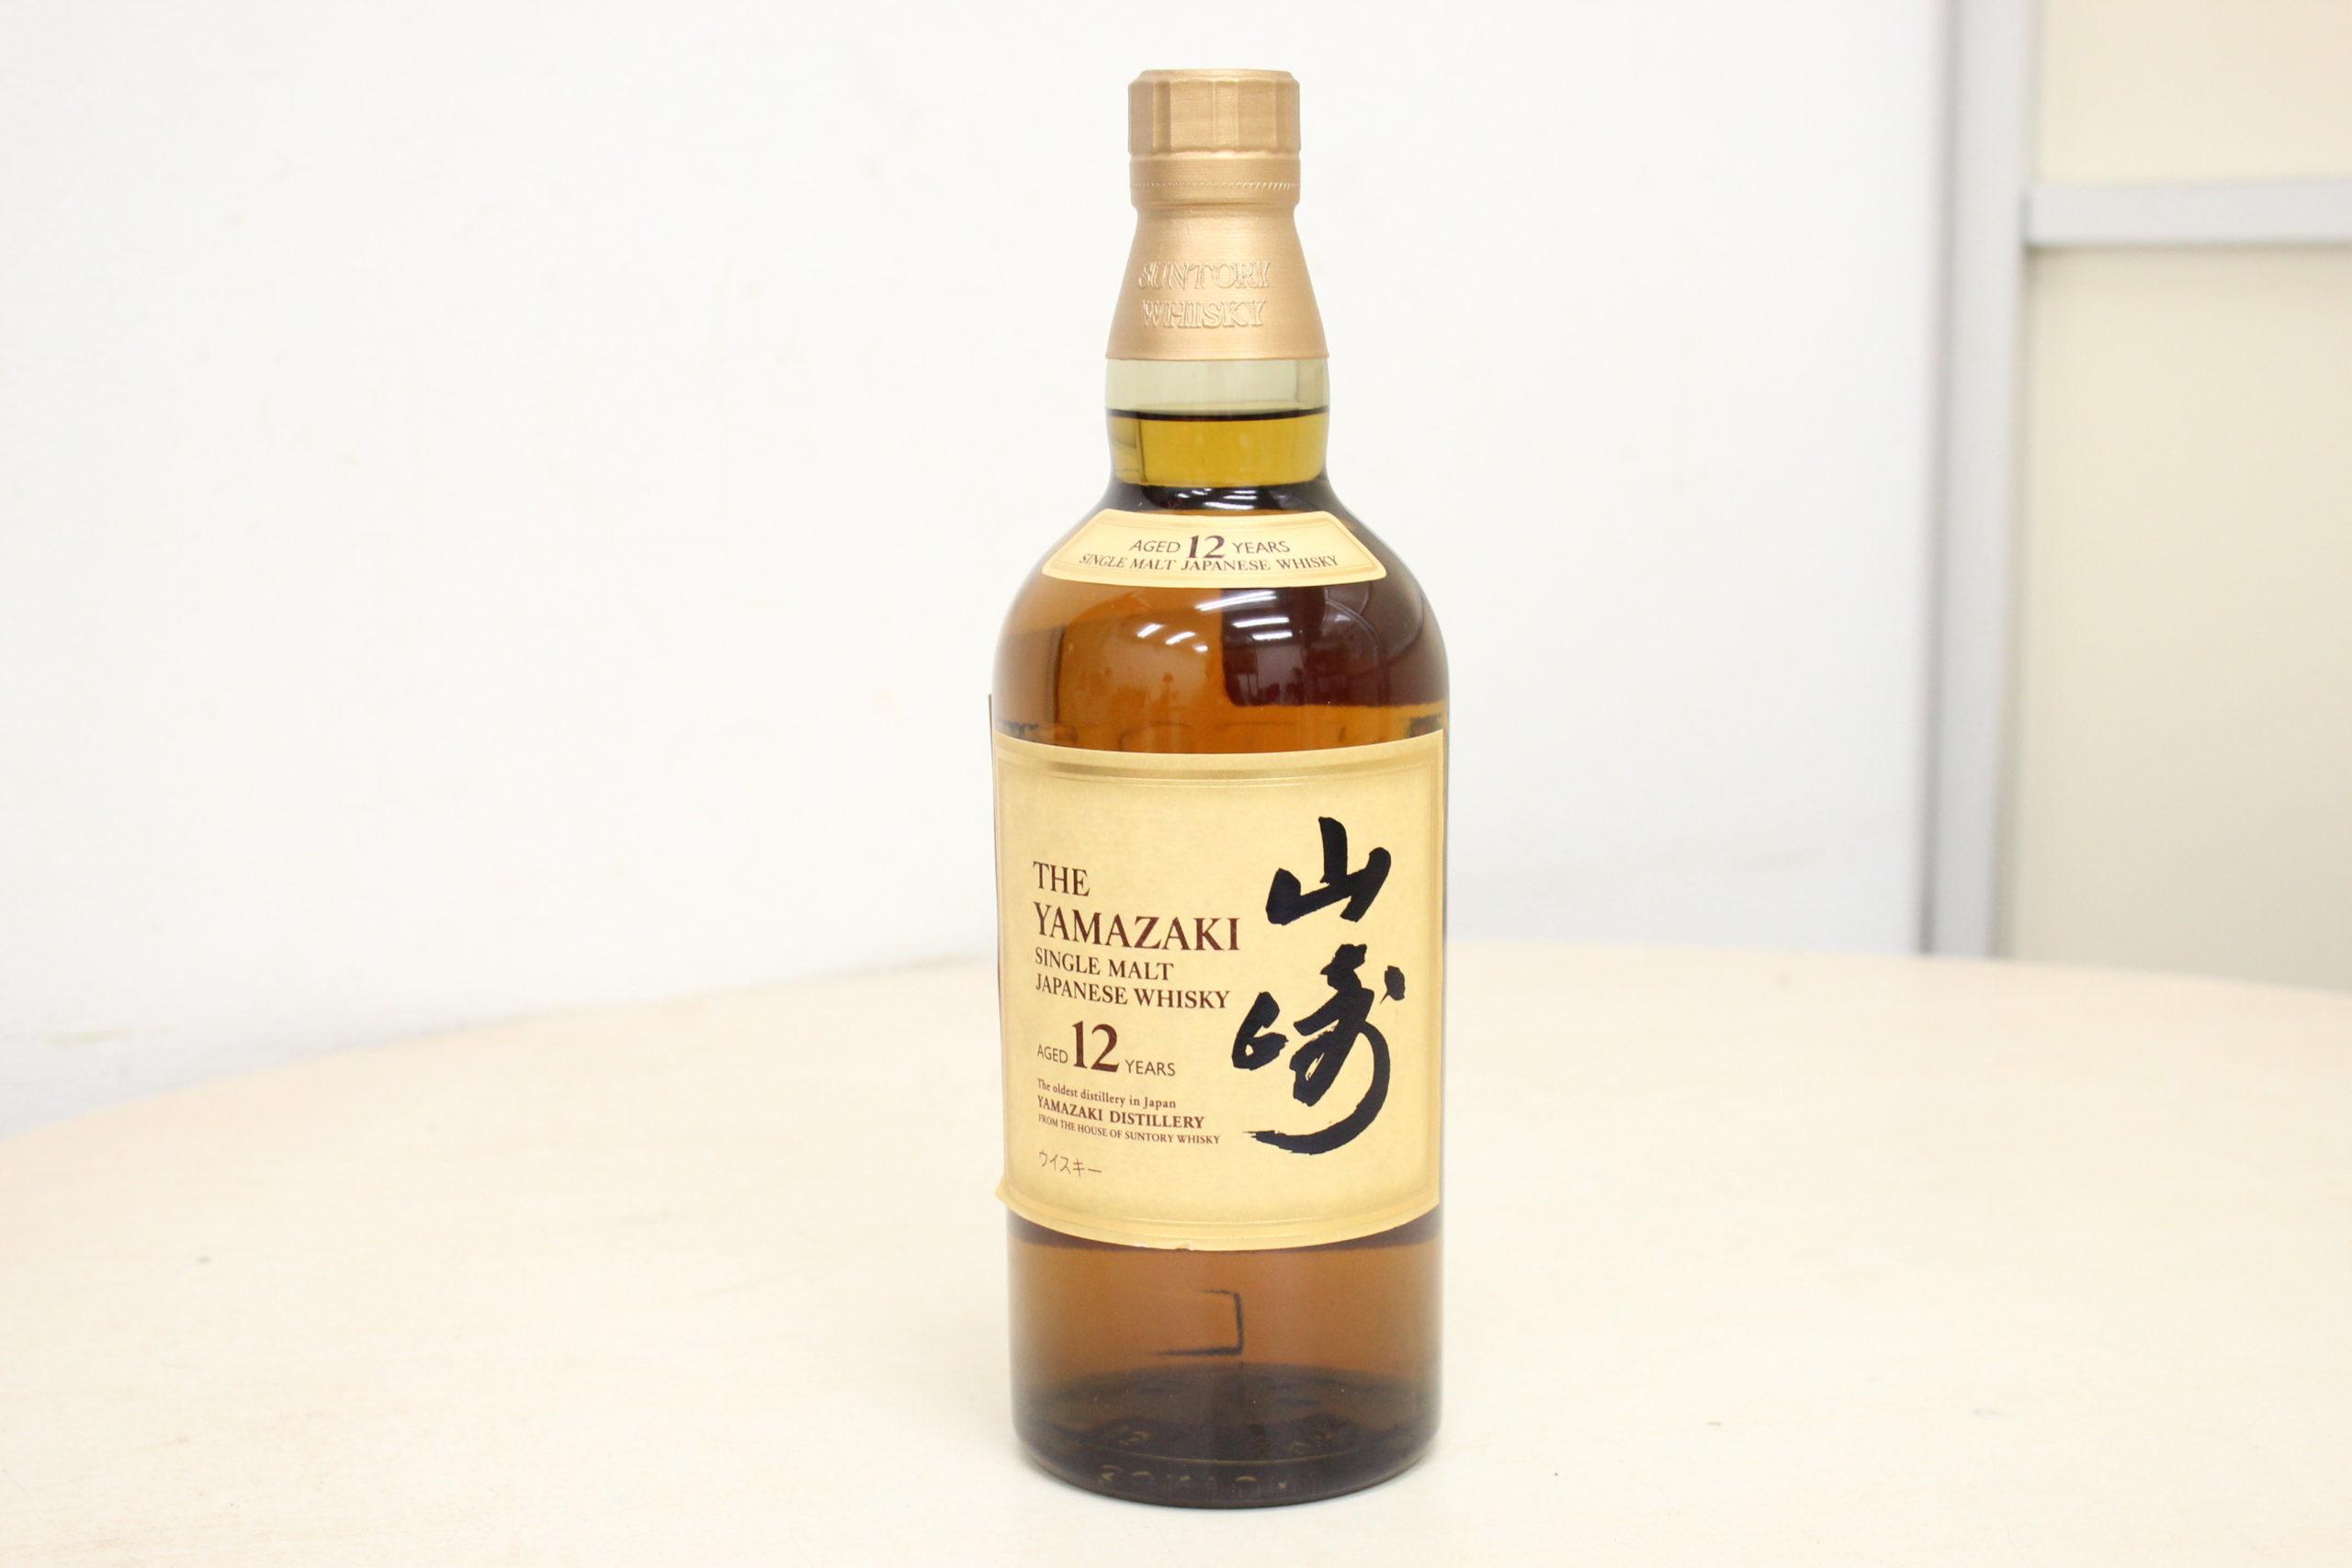 (福岡県大野城市)SUNTORY サントリー 山崎 12年 ウイスキー お酒の買取に自信があります!!の買取-